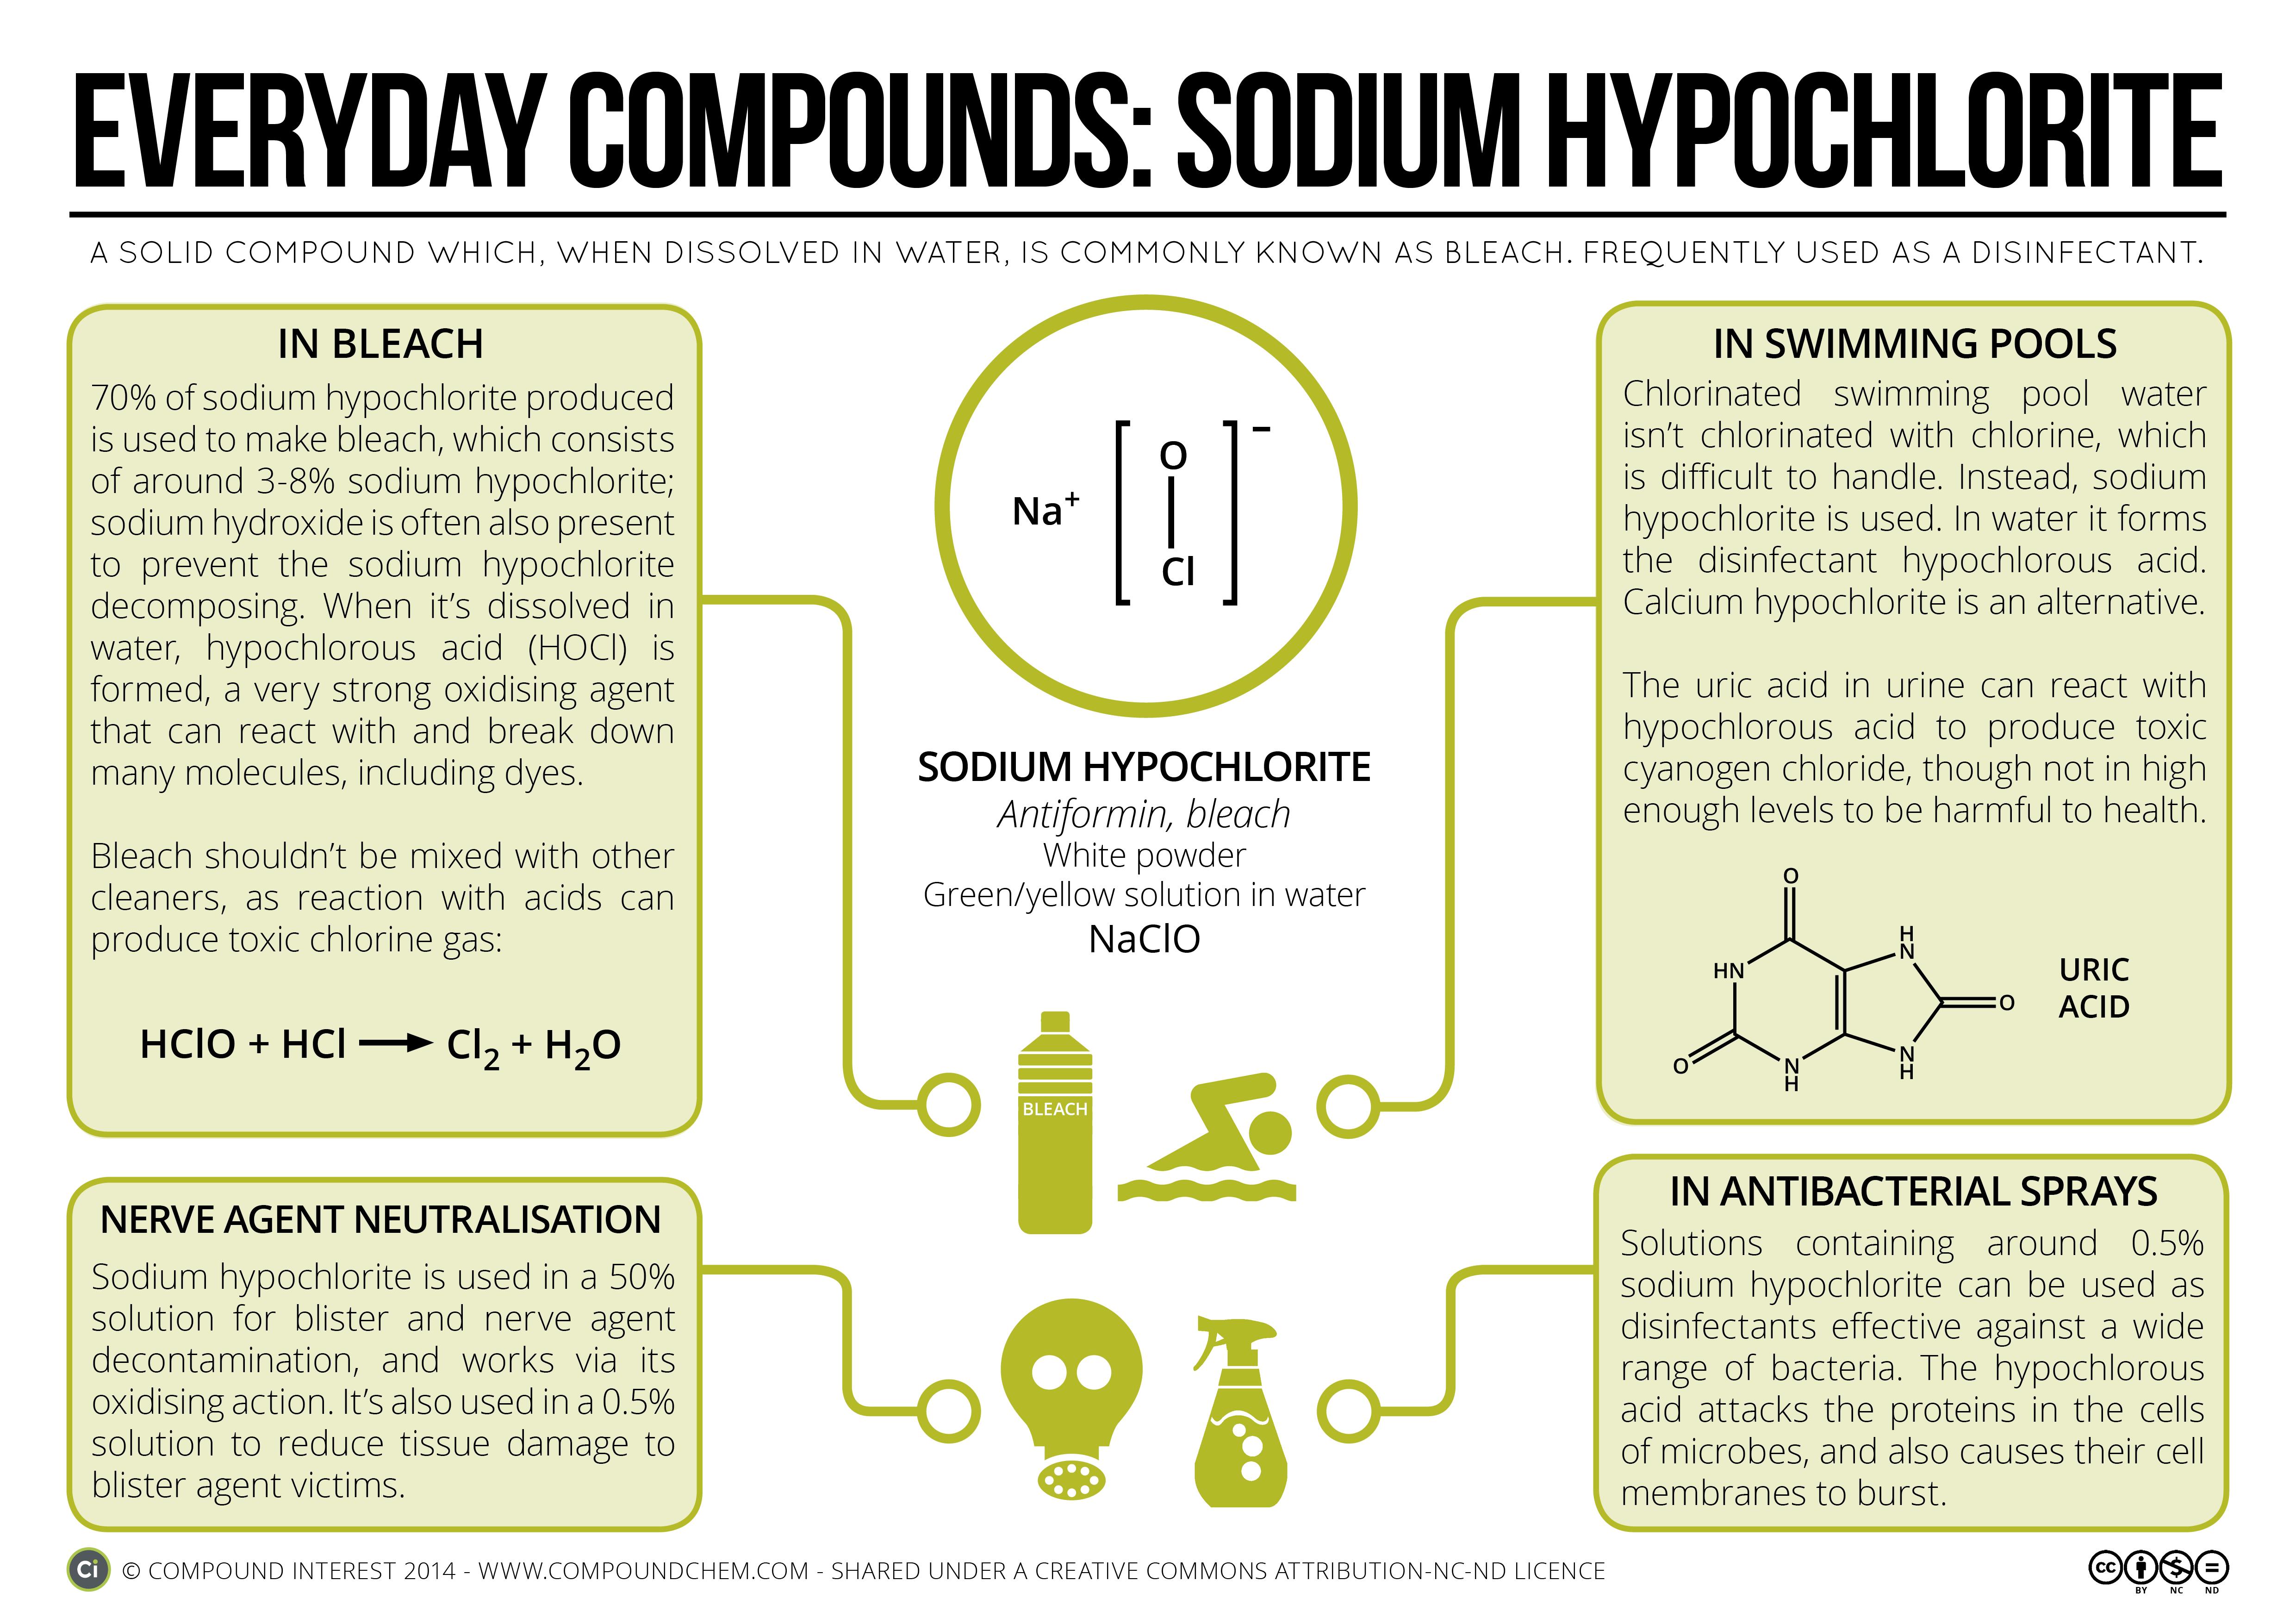 EC5-Sodium-Hypochlorite-Bleach